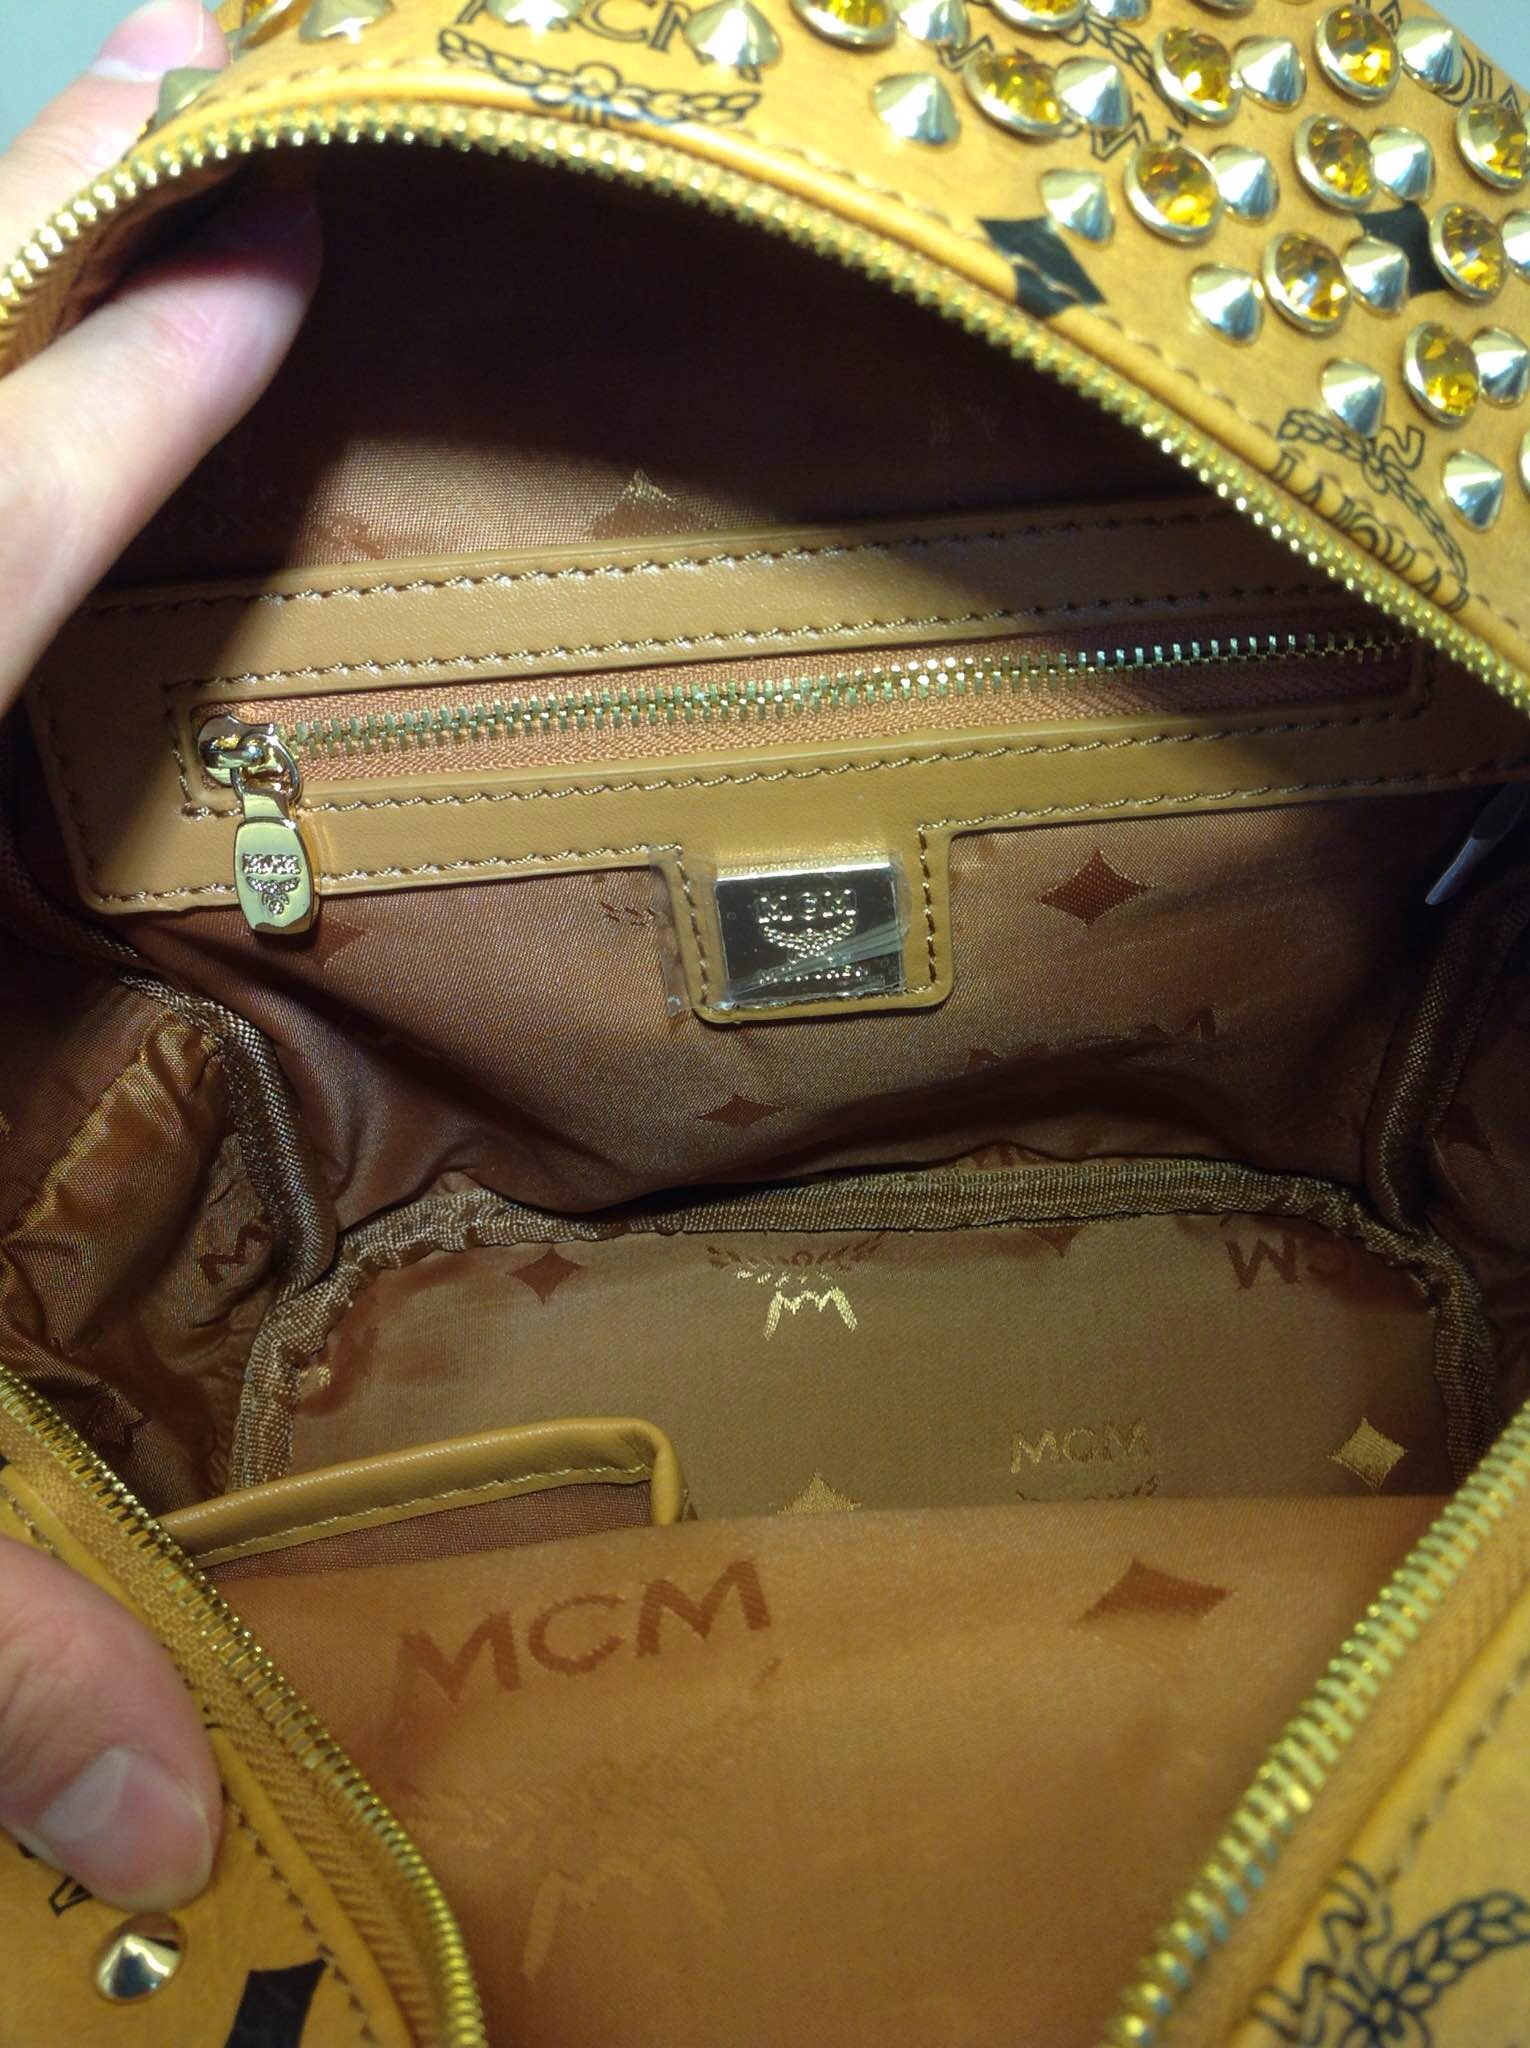 MCM彩色水钻系列 三色可选 双肩包批发